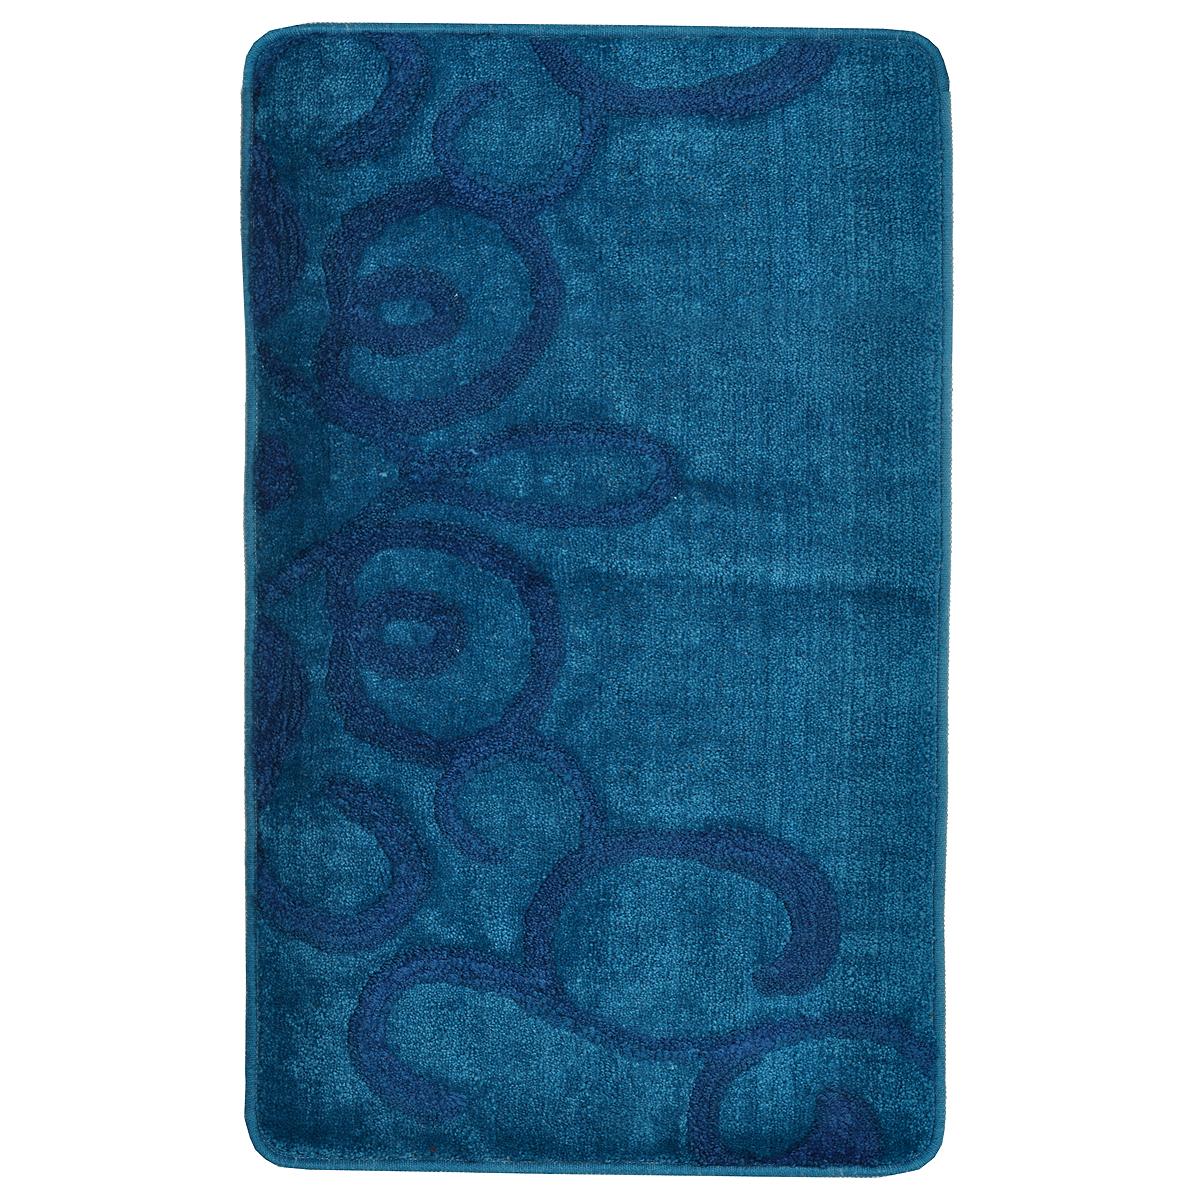 Коврик для ванной комнаты Milardo Fairyland Blue, 50 х 80 см 473PA58M12473PA58M12Коврик для ванной комнаты Milardo Fairyland выполнен из 90% полиэстера и 10% акрила - мягкого и износостойкого материала, который быстро сохнет. Мягкий и приятный на ощупь коврик имеет латексную основу, благодаря которой он не скользит по полу. Края коврика обработаны оверлоком. Можно использовать на полу с подогревом.Коврик можно стирать в стиральной машине в щадящем режиме при температуре не выше 40°C отдельно от остального белья.